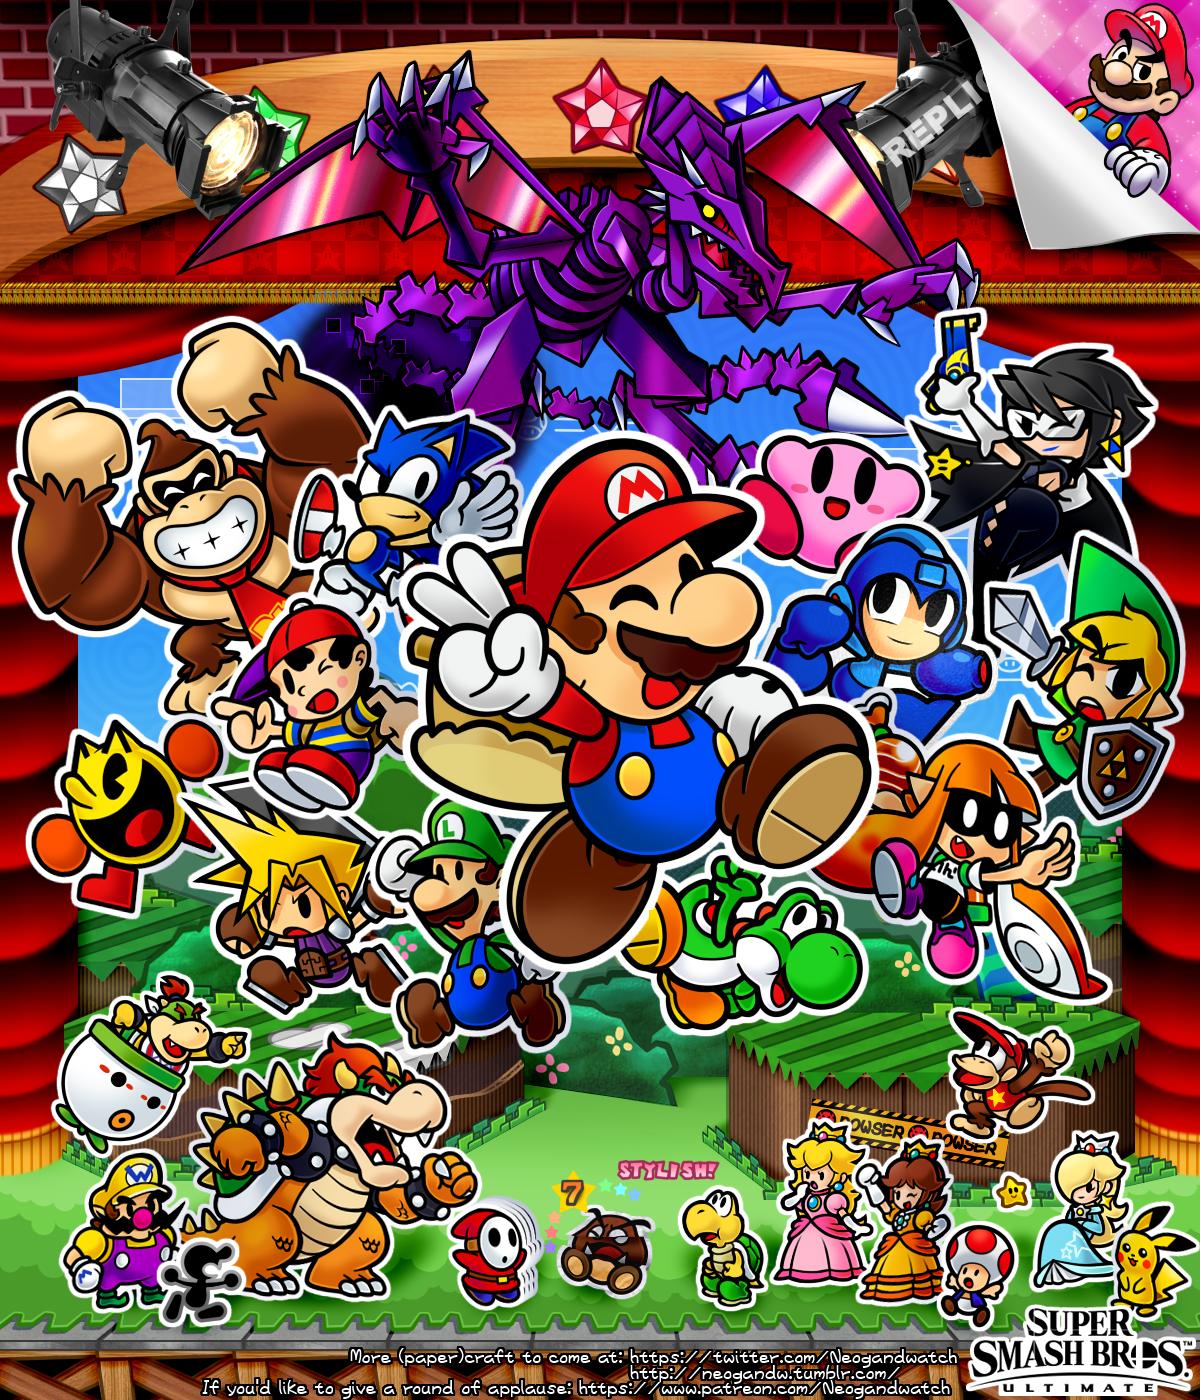 Super Paper Smash Bros  by neogandw | SmaSH BrOs | Super mario smash